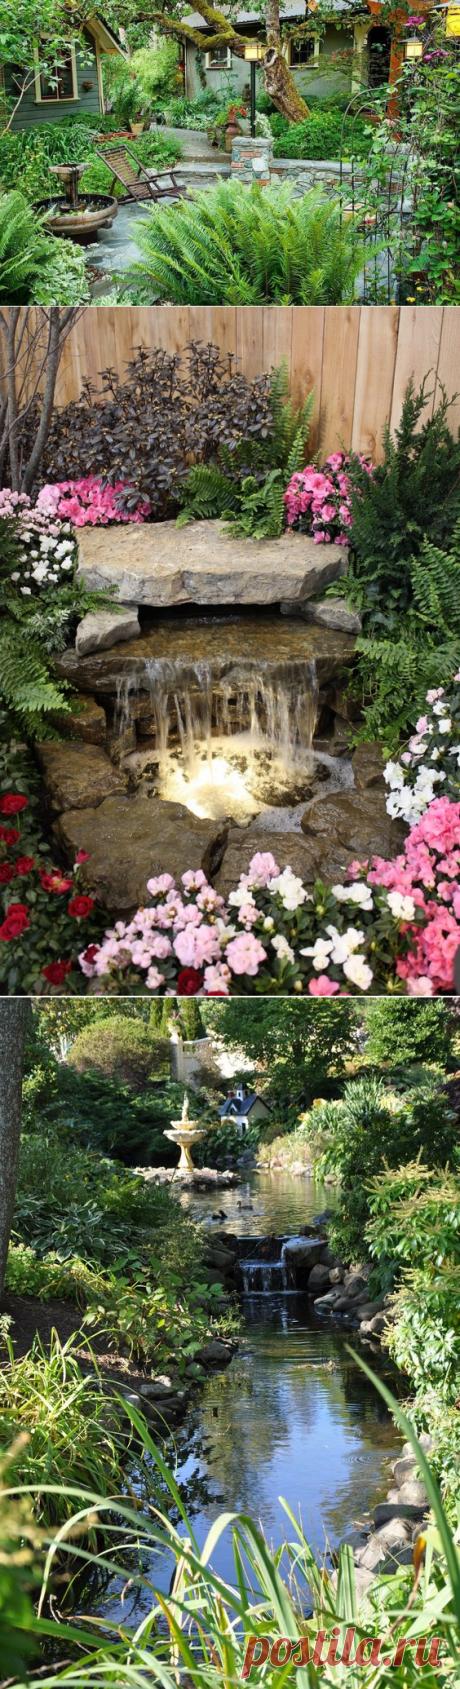 Los jardines con el aljibe, la fuente y la cascada